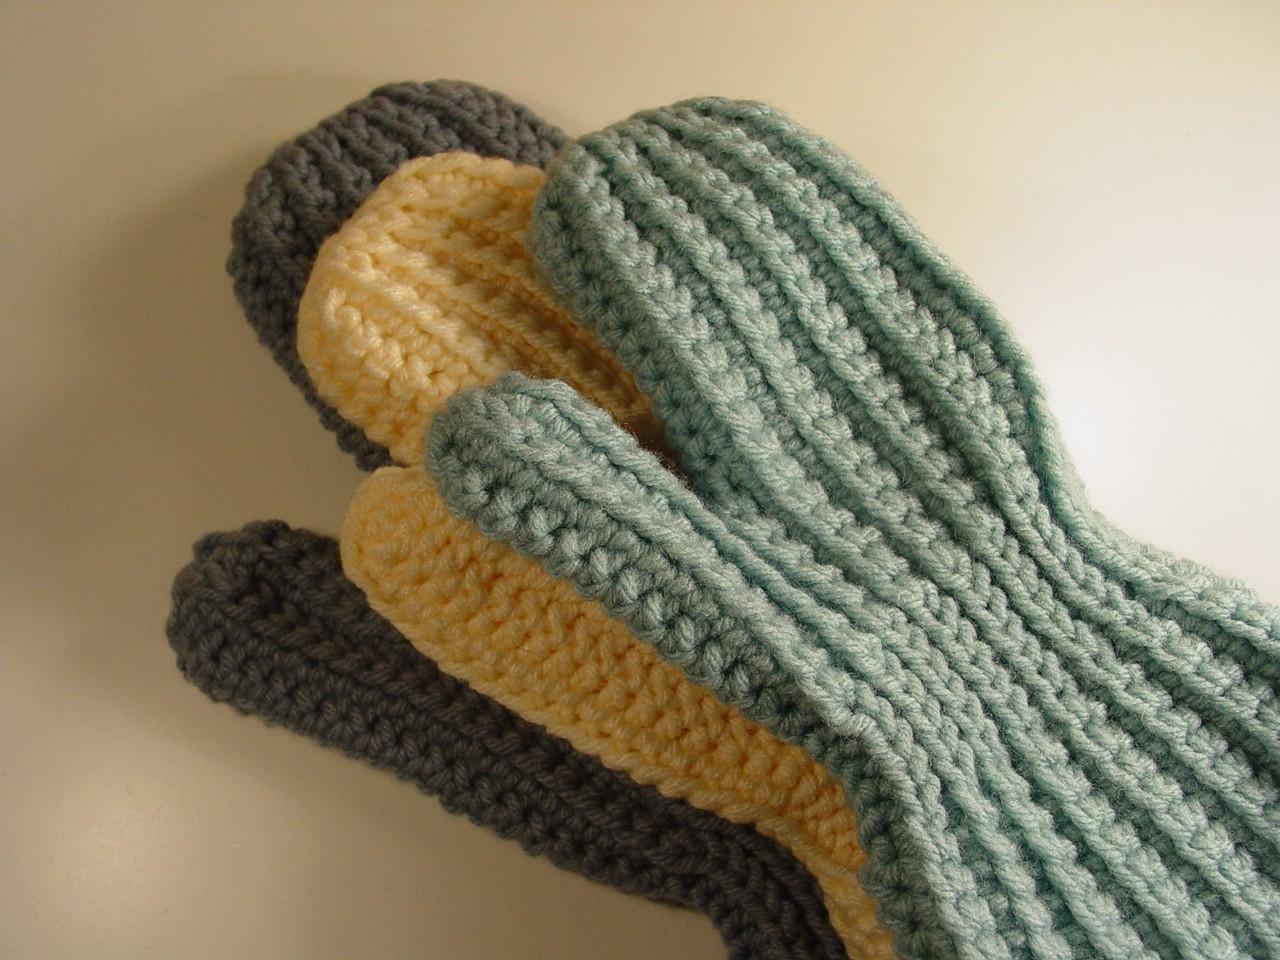 Easy Sideways Crochet Mittens Pattern - pdf | Crochet mittens ...